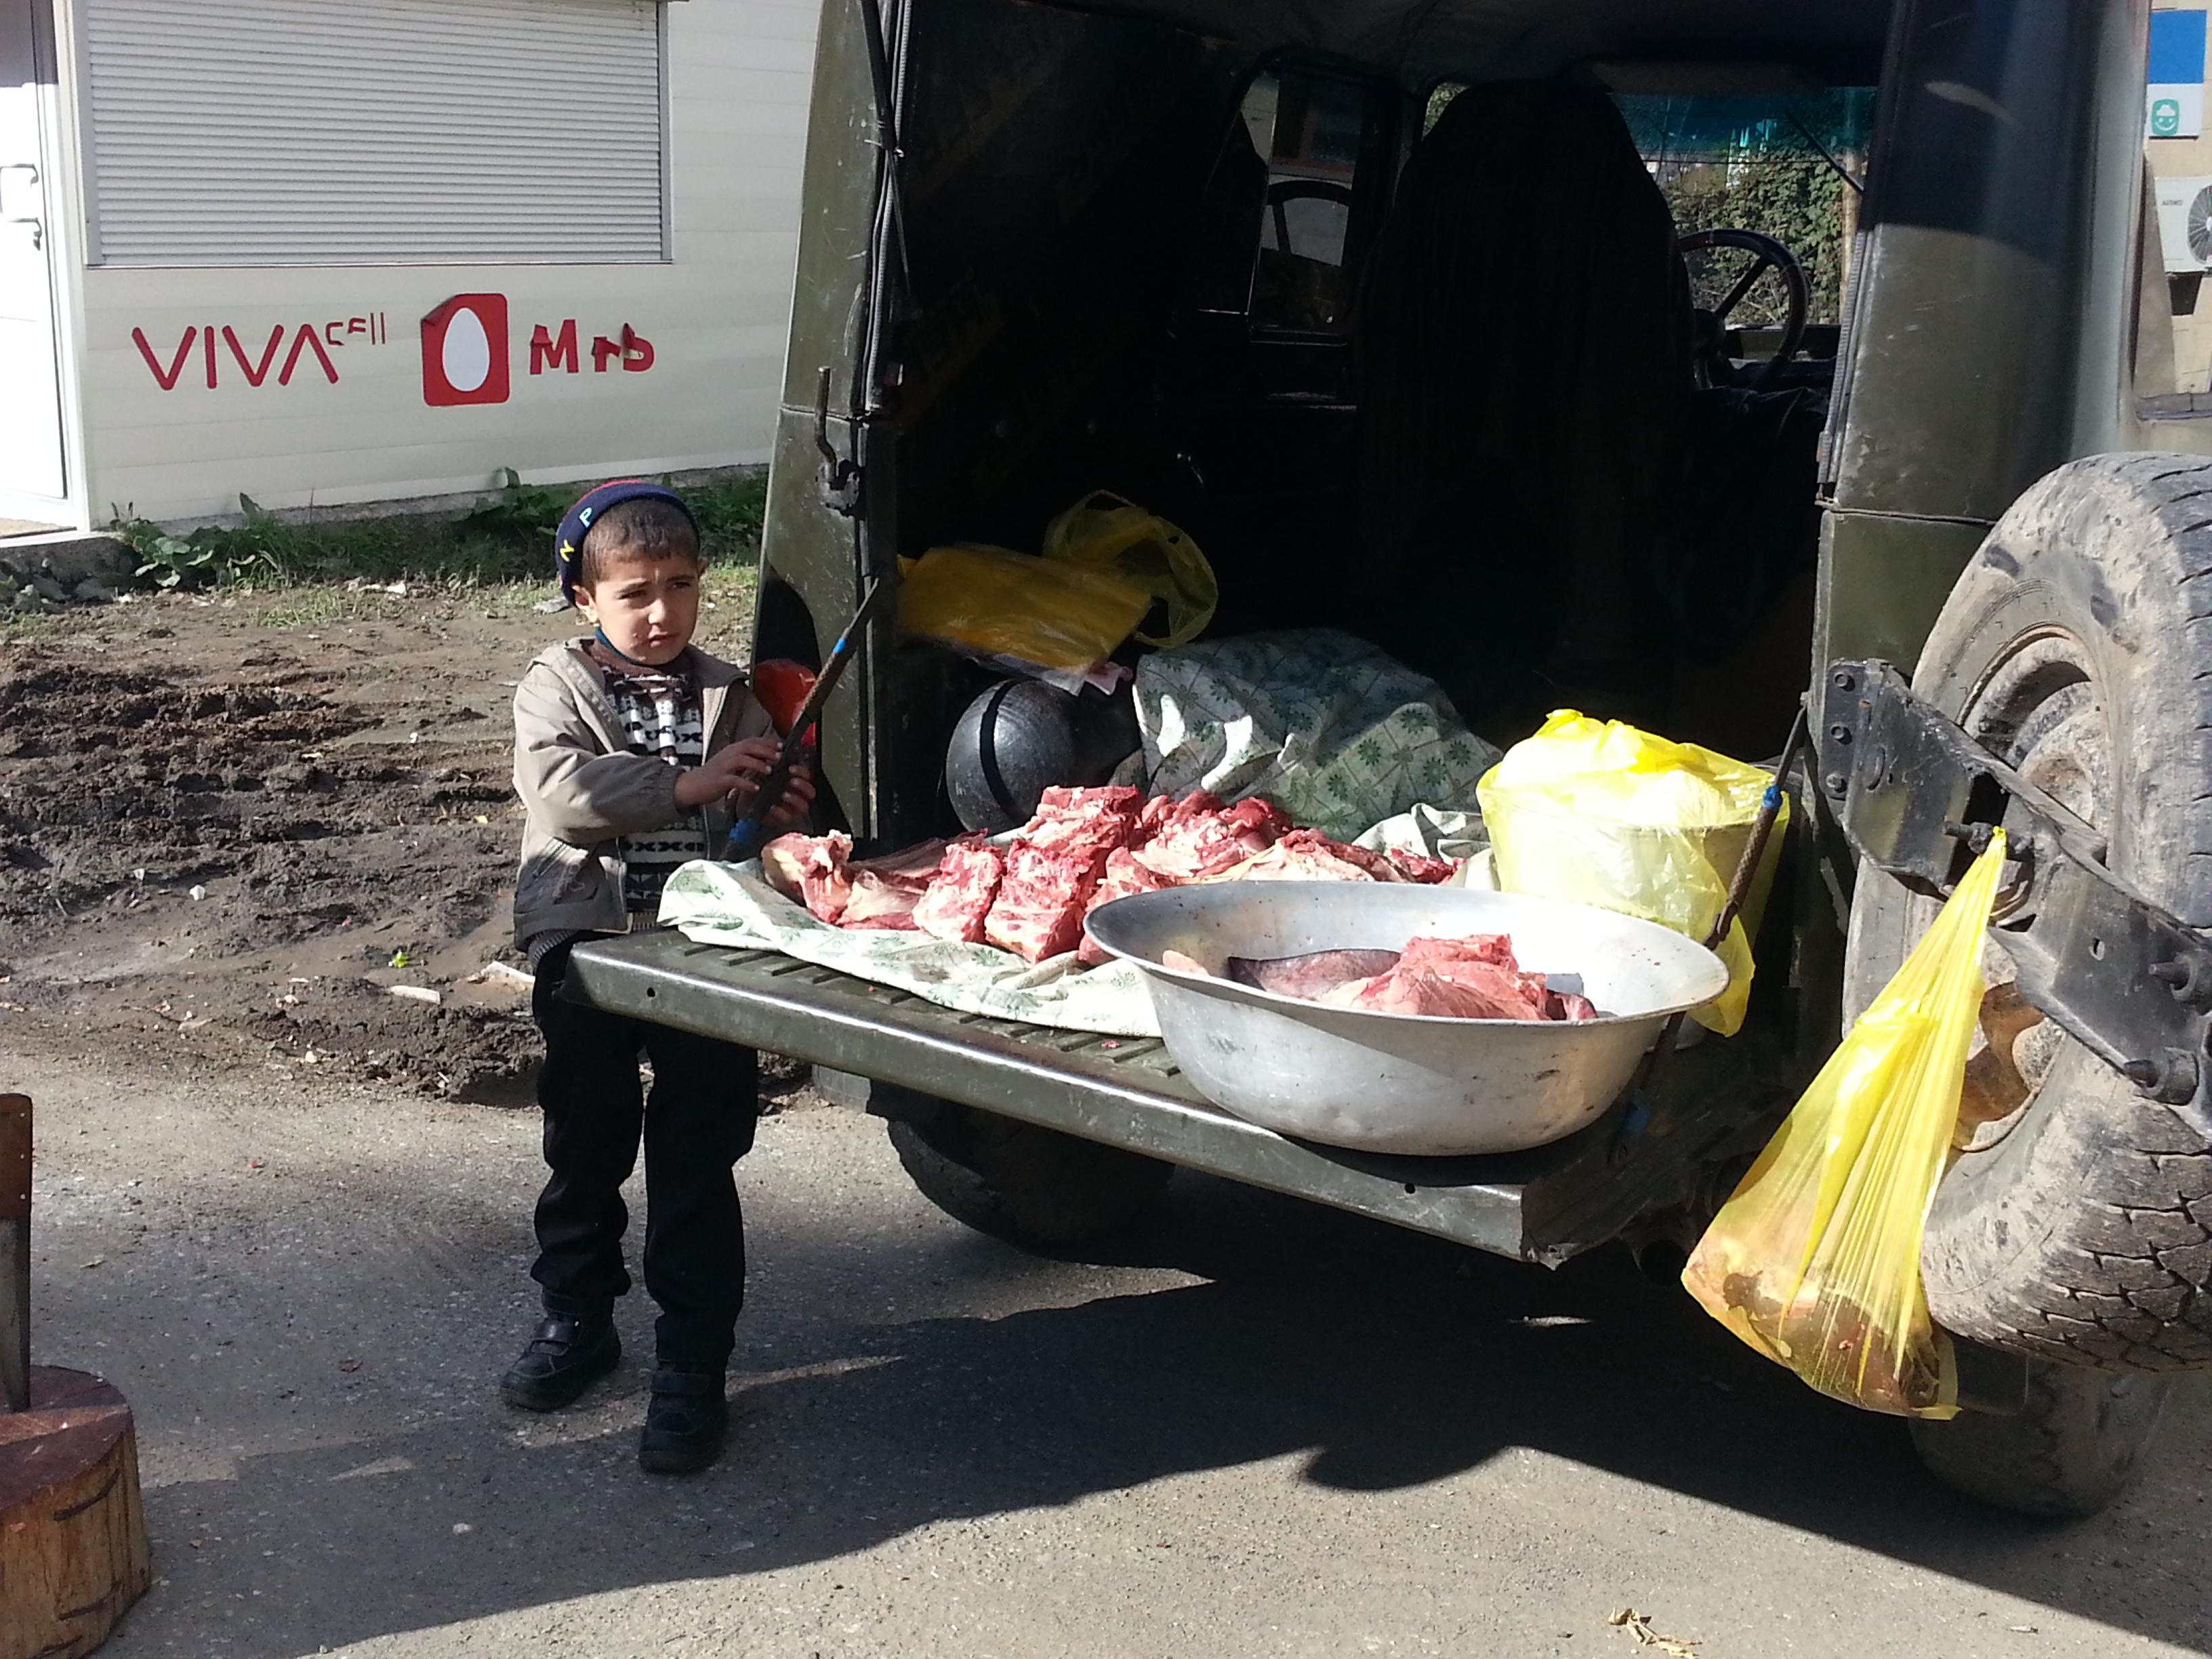 Utcai árusnál kisfiú Dilijanbn